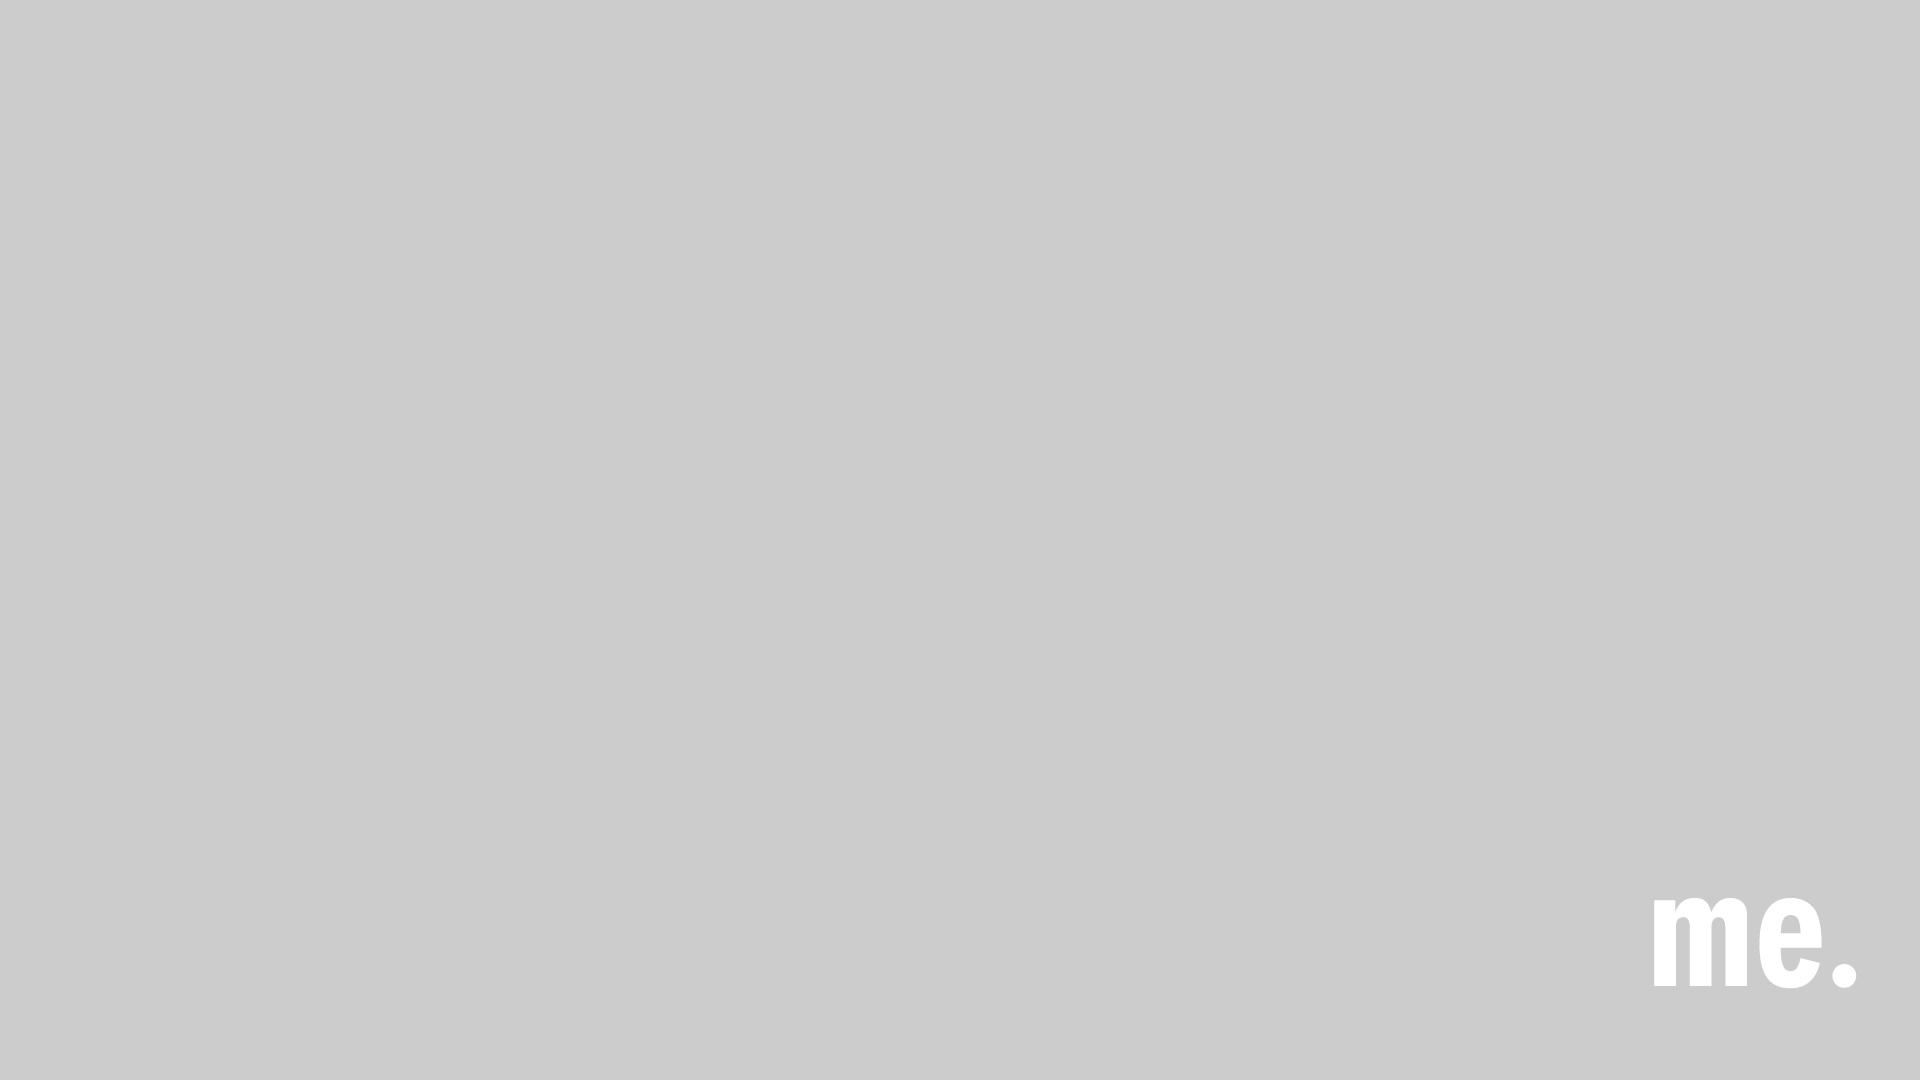 ARCHIV - Das Logo des Internethändlers Amazon ist auf einem i-Phone zu sehen, aufgenommen am 23.08.2012 in Berlin.  Foto: Se